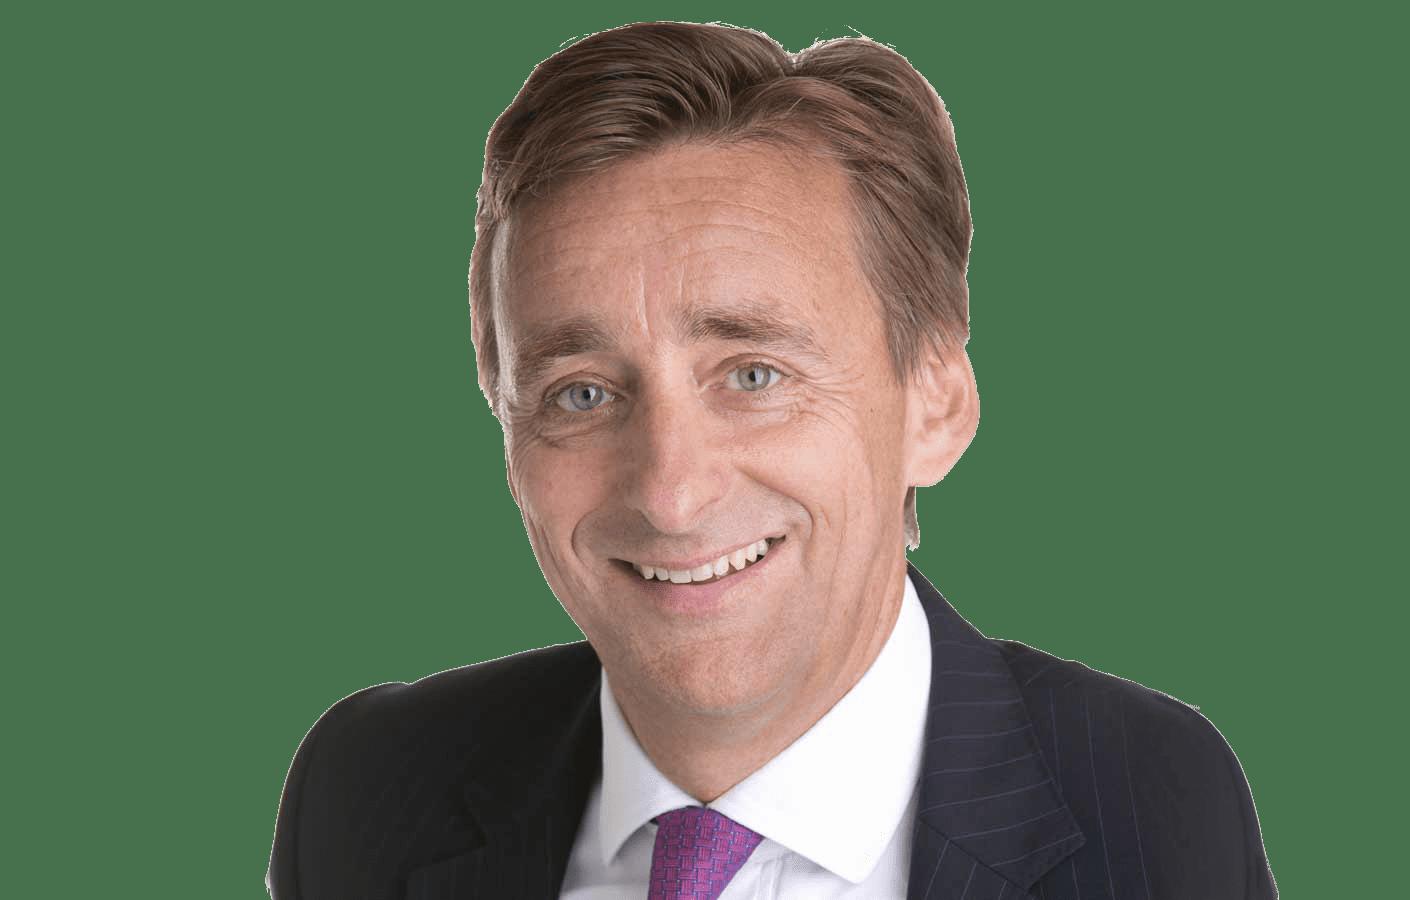 - Andreas Ridder CBRE - Angajaților le lipsește conexiunea interumană de la birou. Top 5 concluzii ale studiului CEE & SEE Working from home, lansat de CBRE